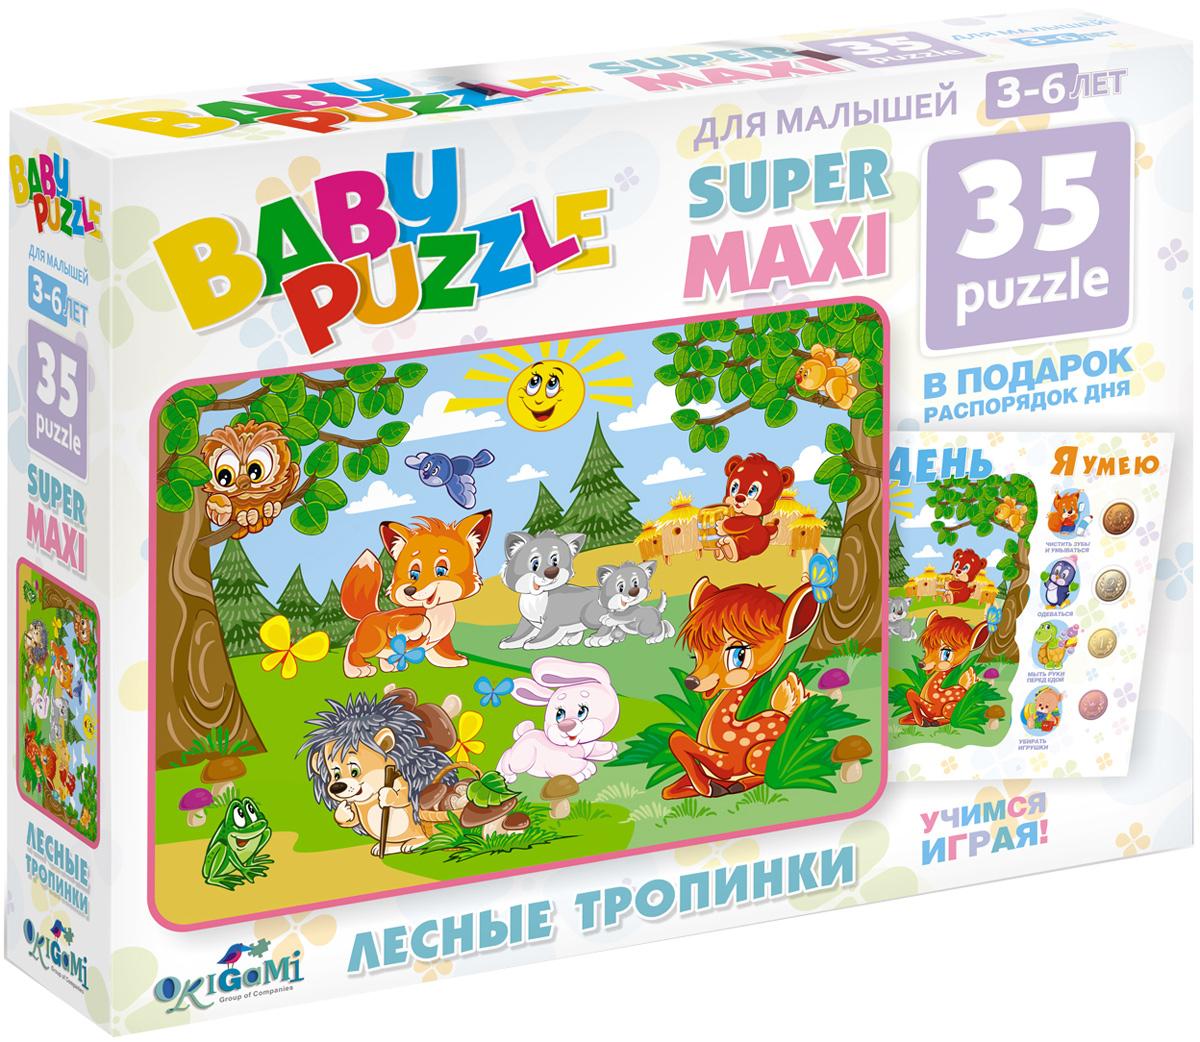 Origami Пазл для малышей Лесные тропинки